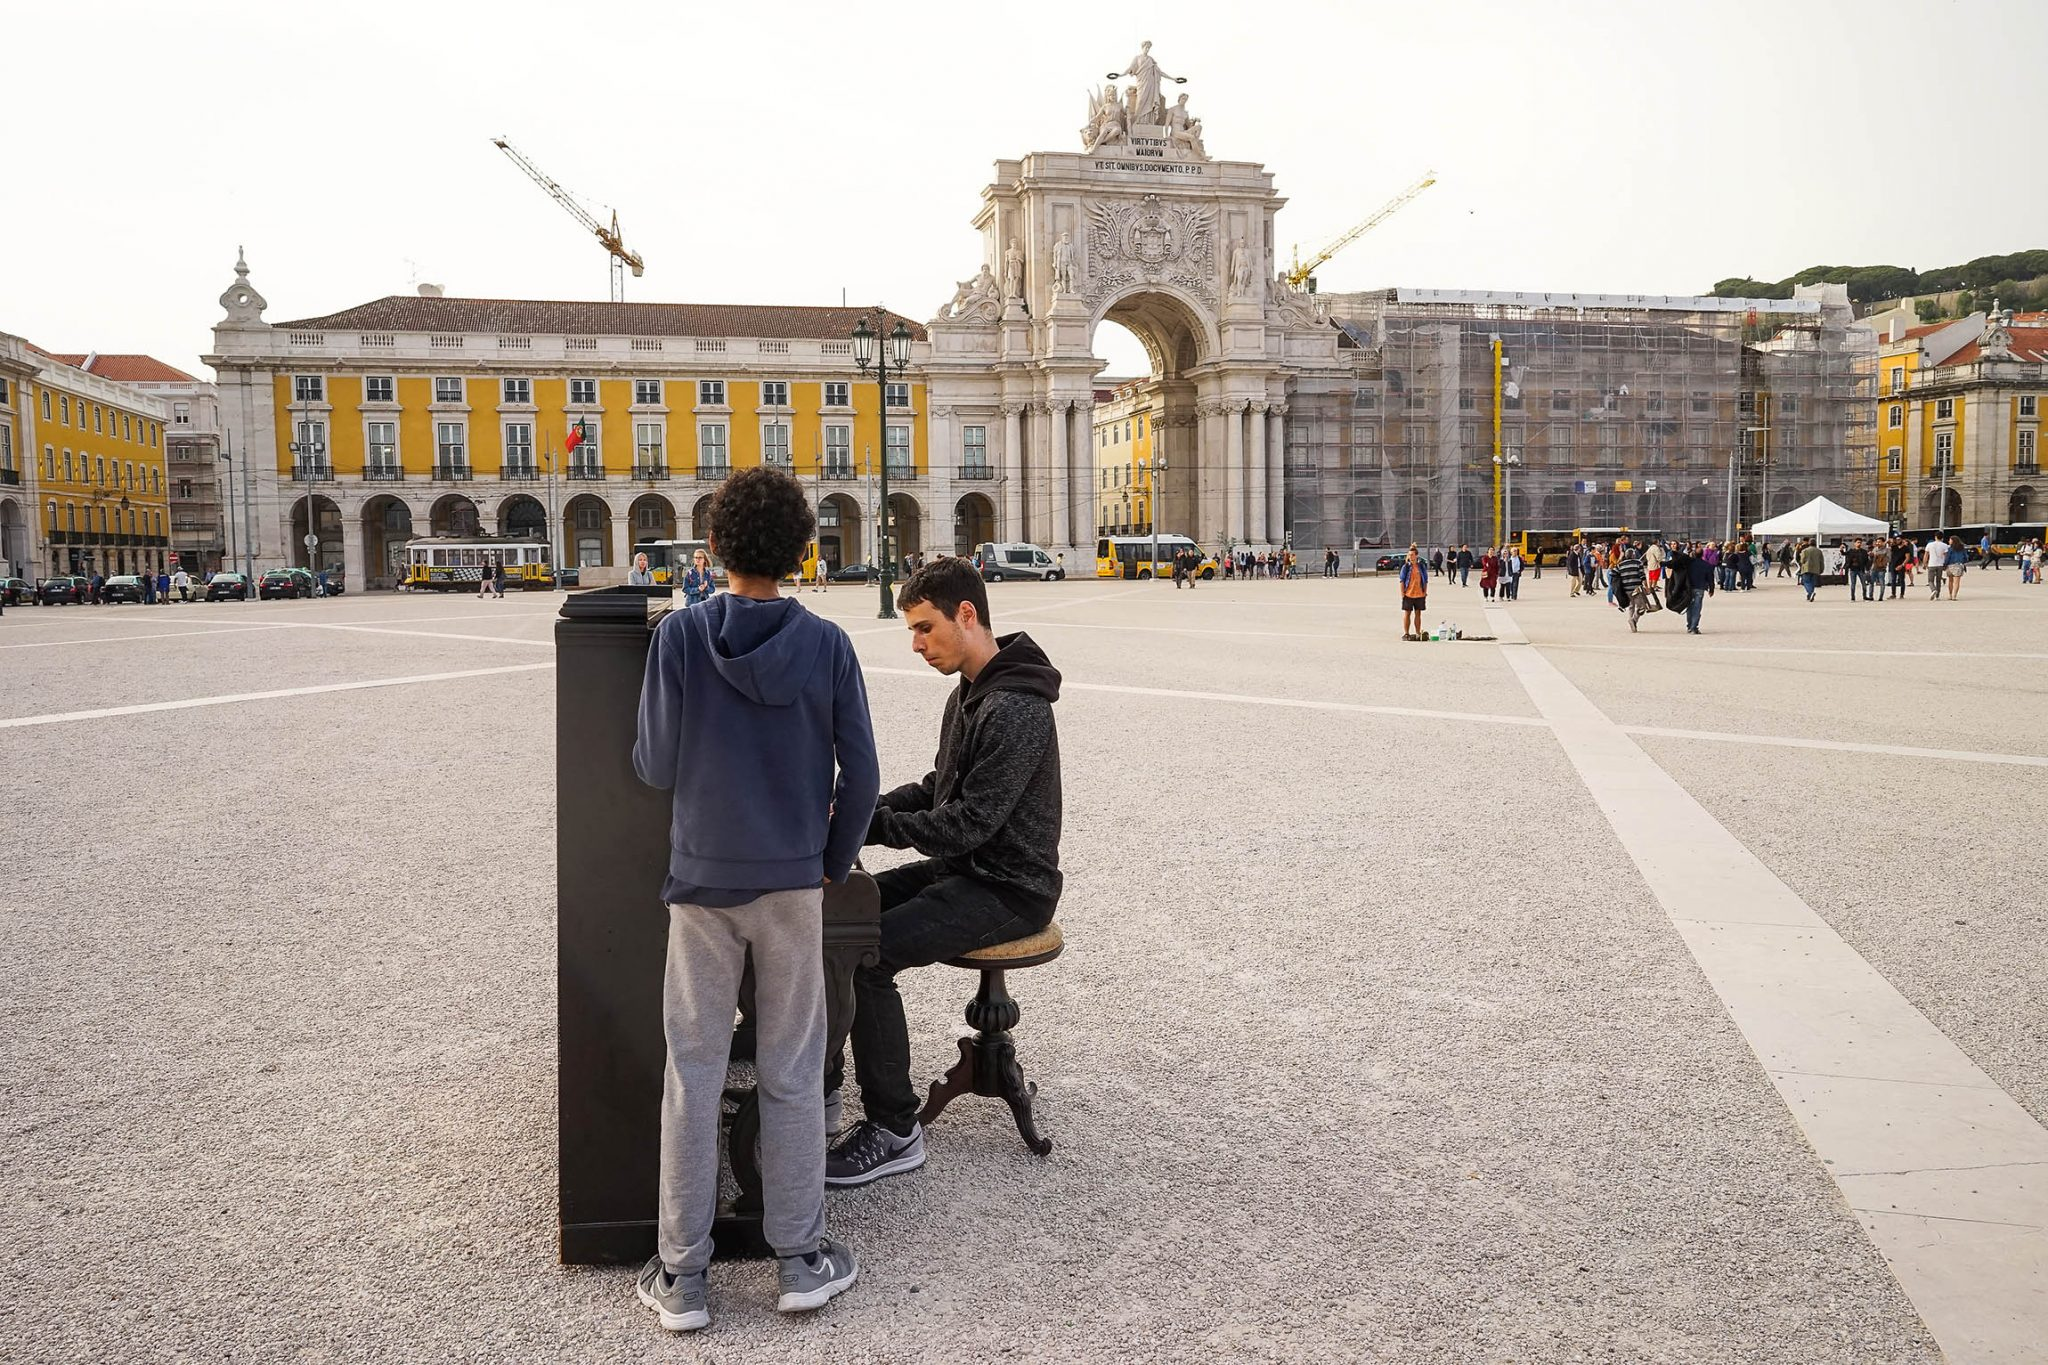 A Praça do Comércio, com o Arco da Rua Augusta em destaque, serve de cenário a um piano que está a ser tocado por um rapaz, de lado para o observador, para um admirador.